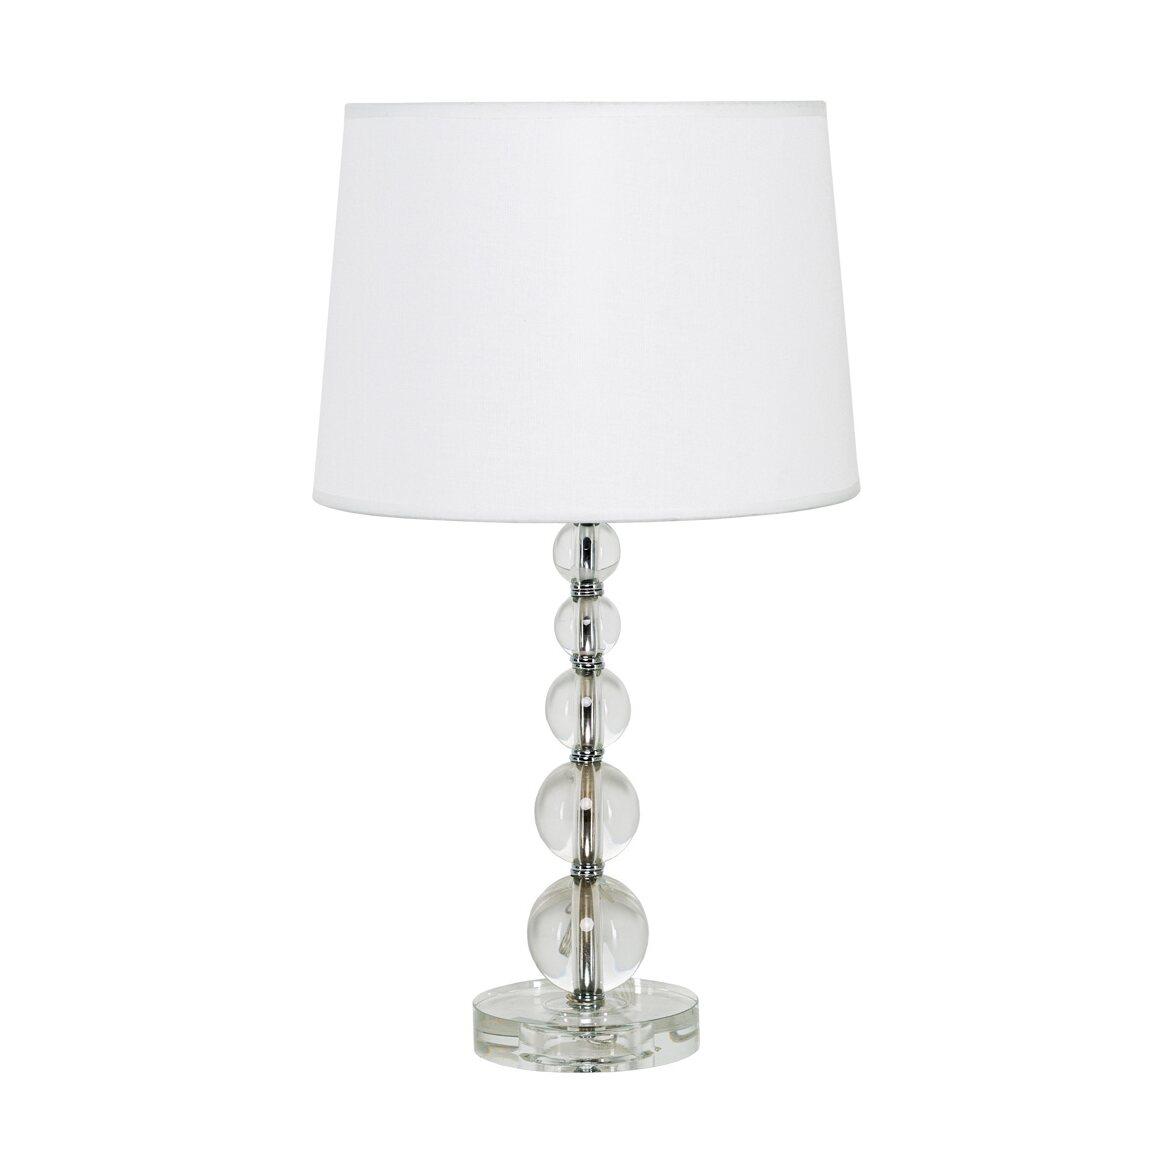 Настольная лампа «Одри» | Настольные лампы Kingsby